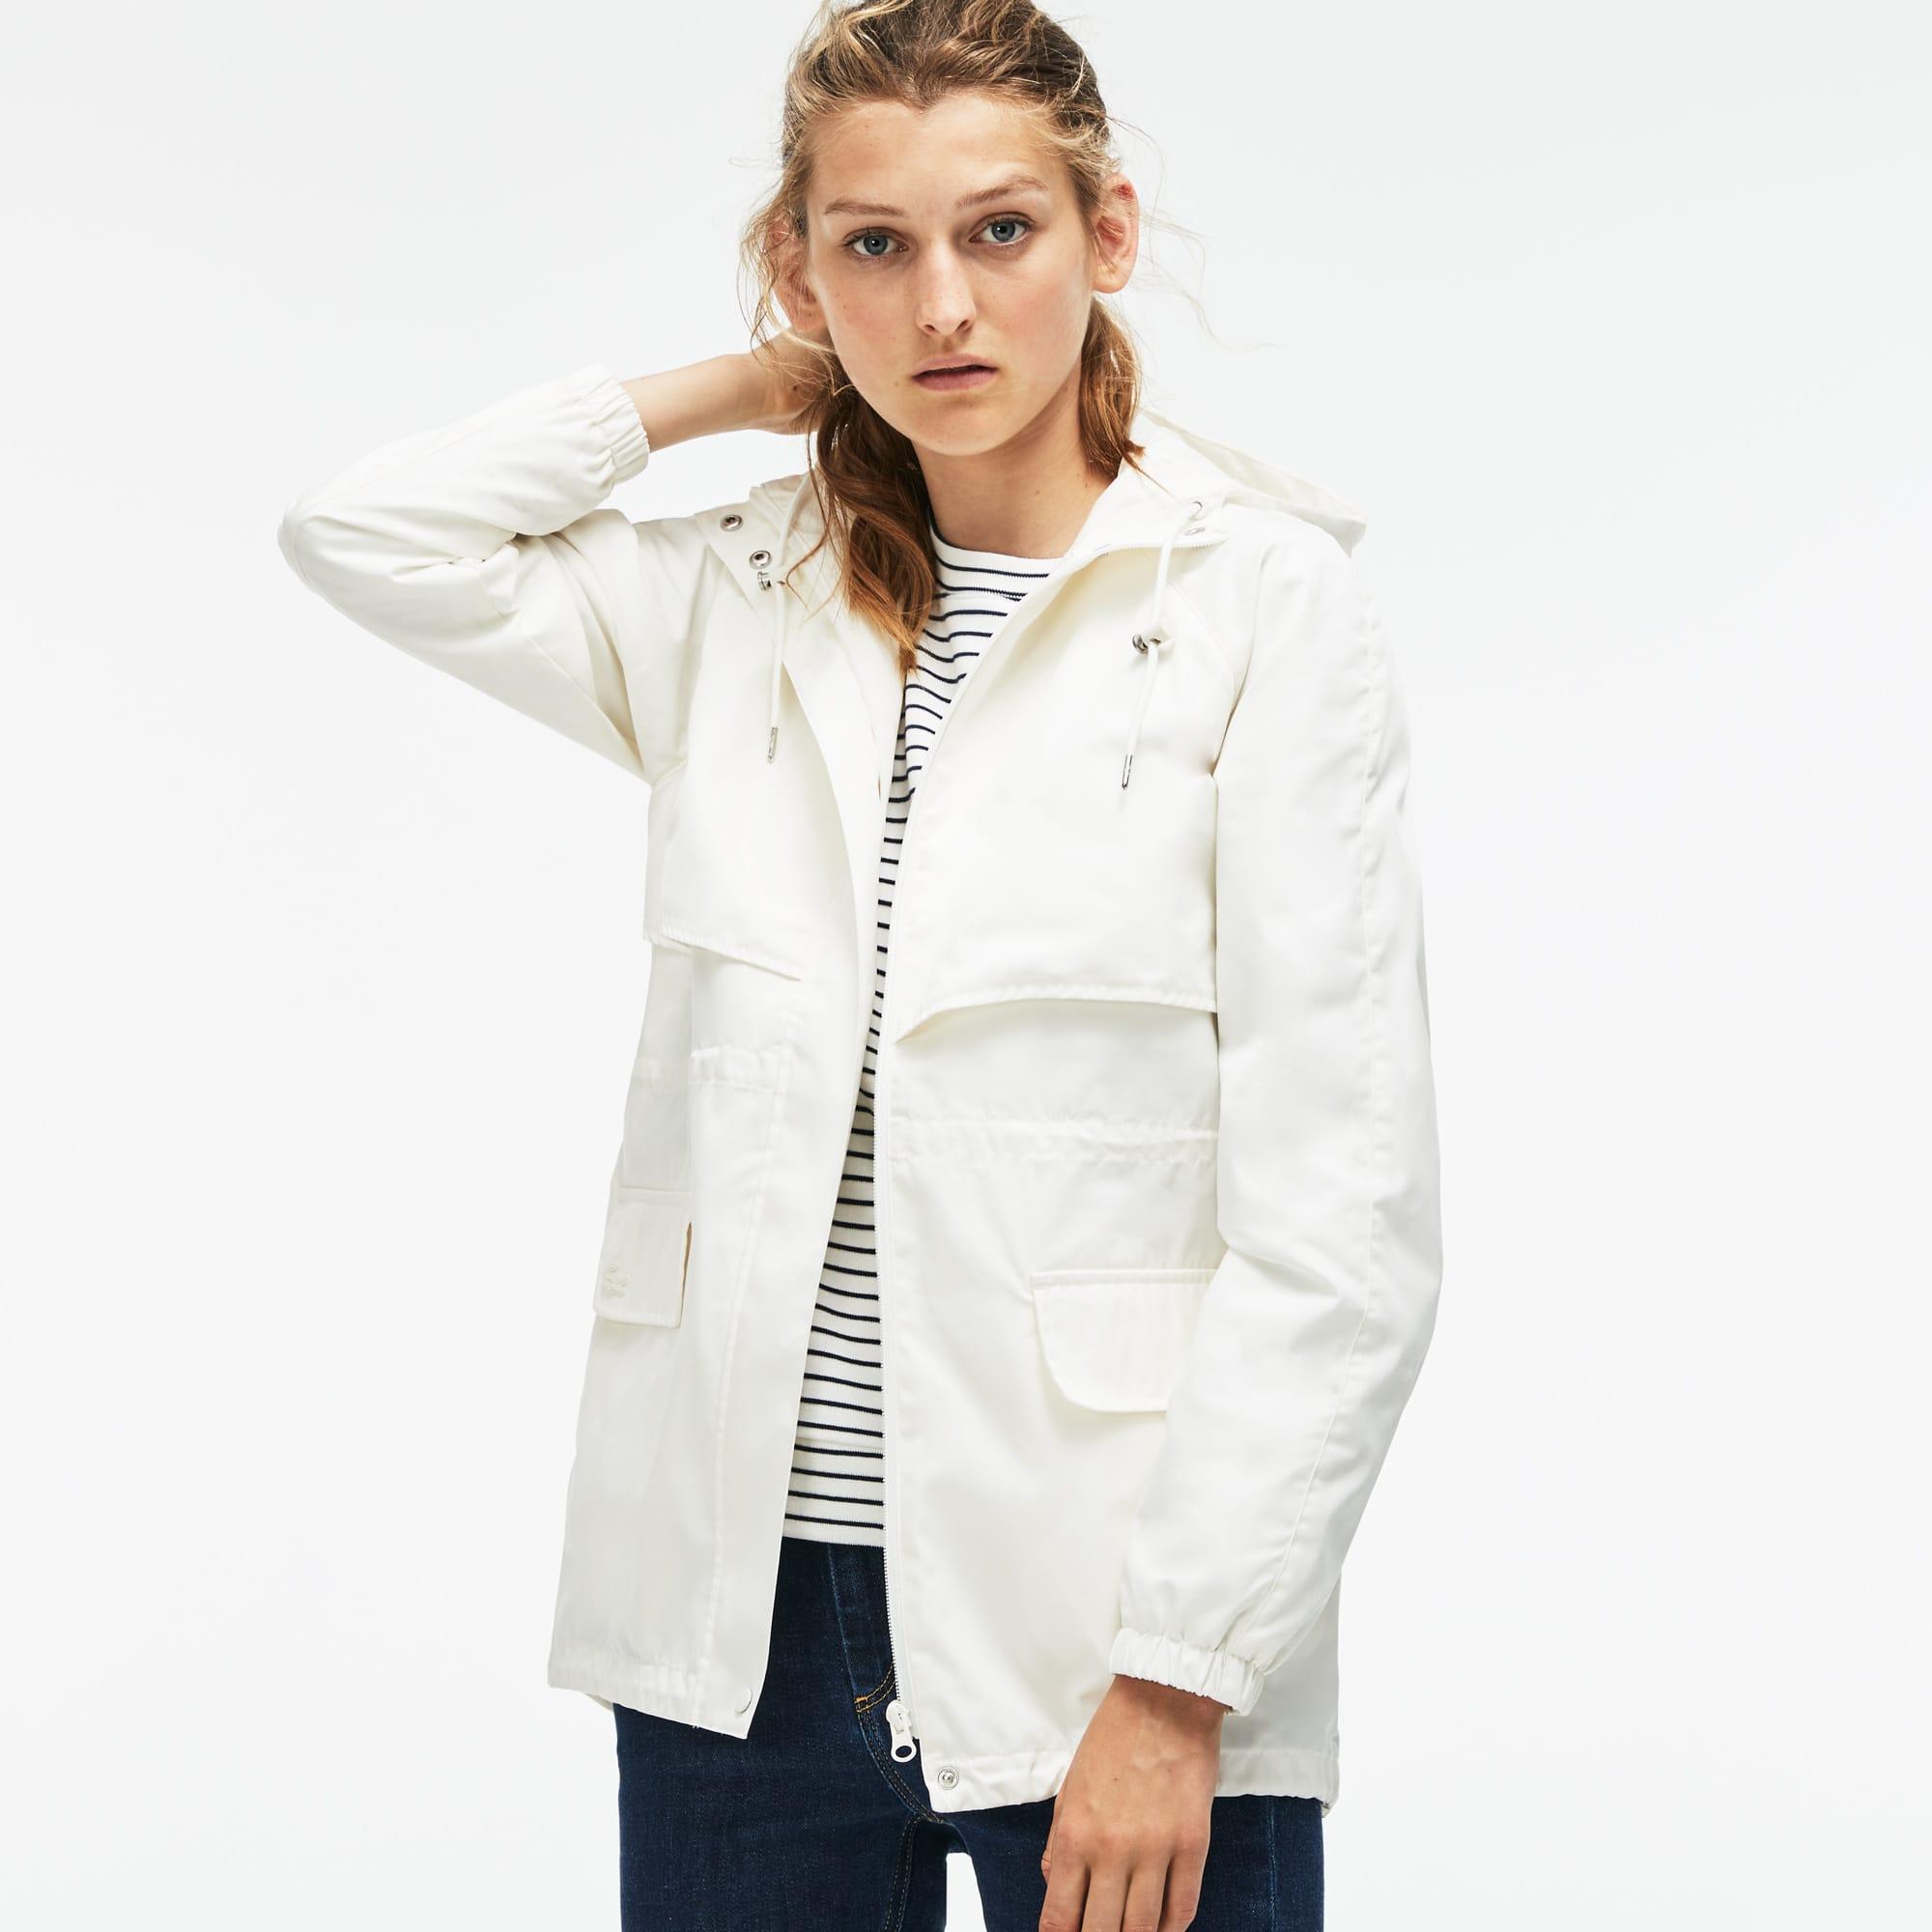 Women's Hooded Long Cotton Twill Windbreaker